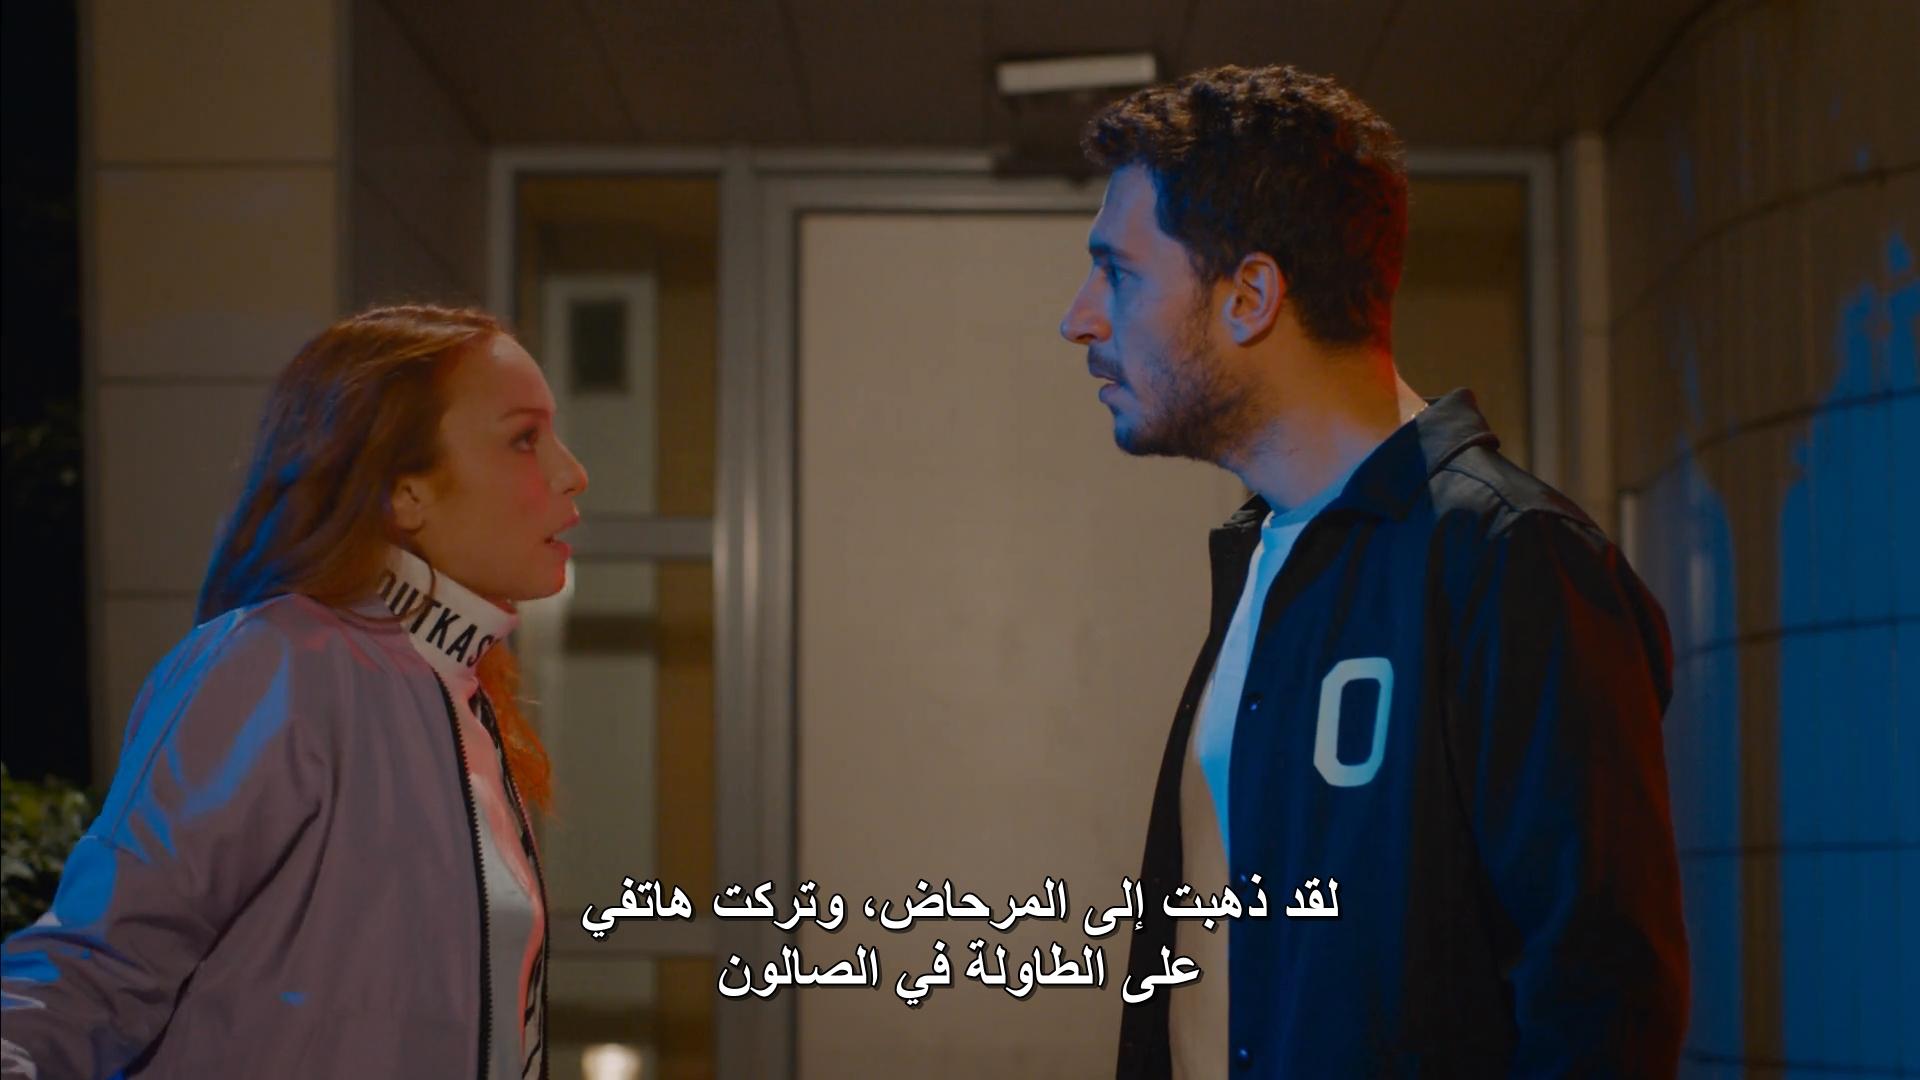 المسلسل التركي القصير نفس الشيء [م1 م2 م3][2019][مترجم][WEB DL][BLUTV][1080p] تحميل تورنت 10 arabp2p.com